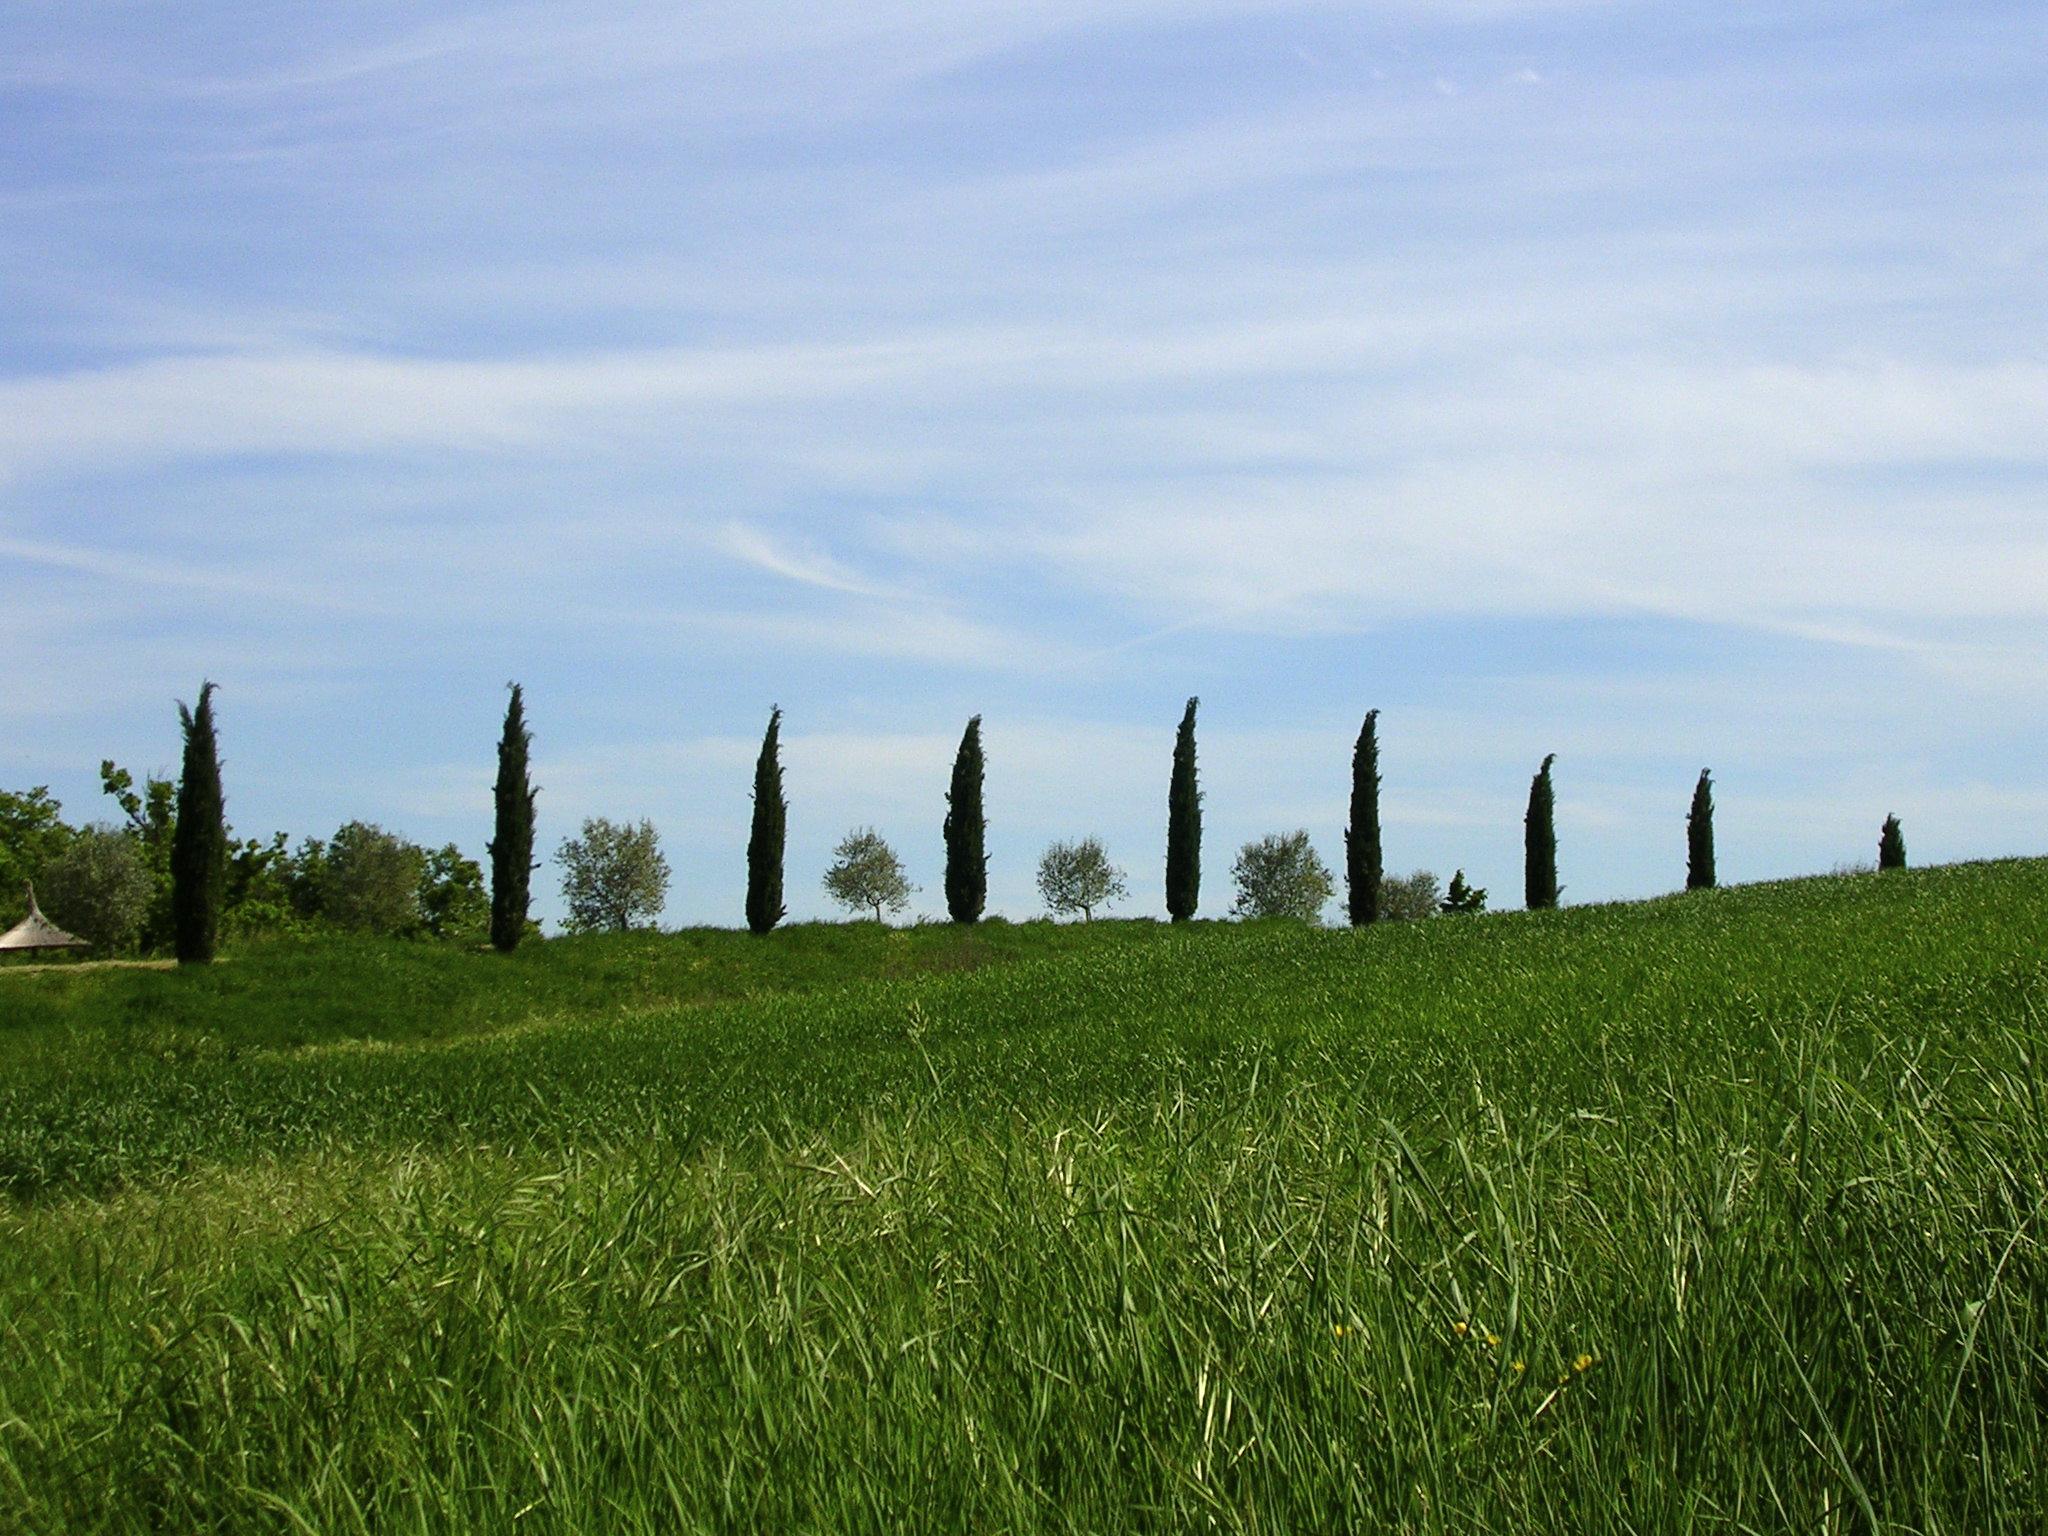 Tuscan cypress trees EAT.PRAY.MOVE Yoga Retreats | Tuscany, Italy